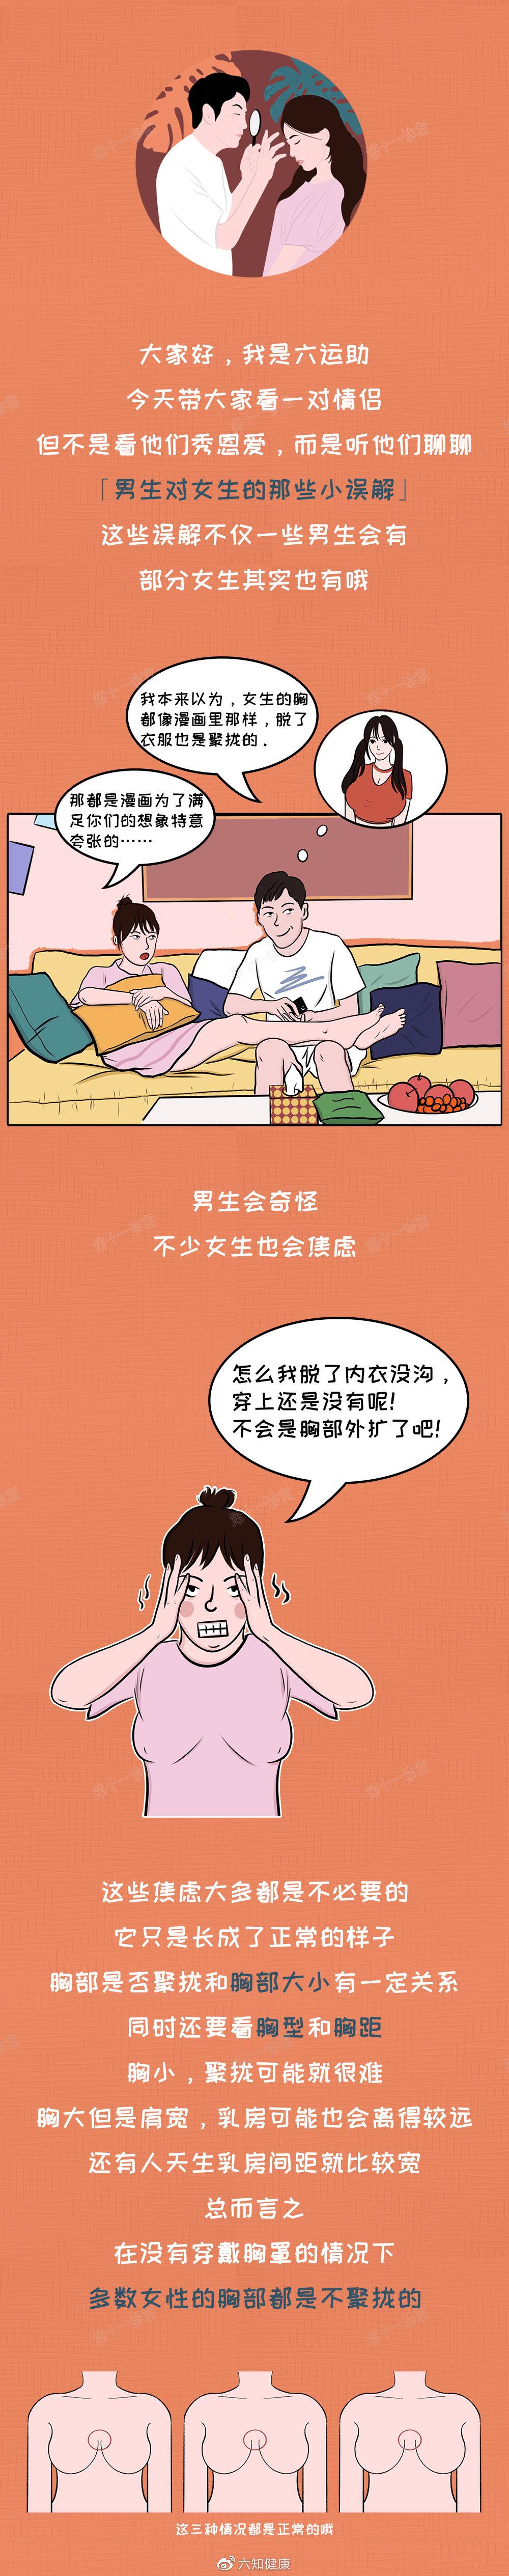 男性对女性身体的误解,也太太太太太深了吧?!